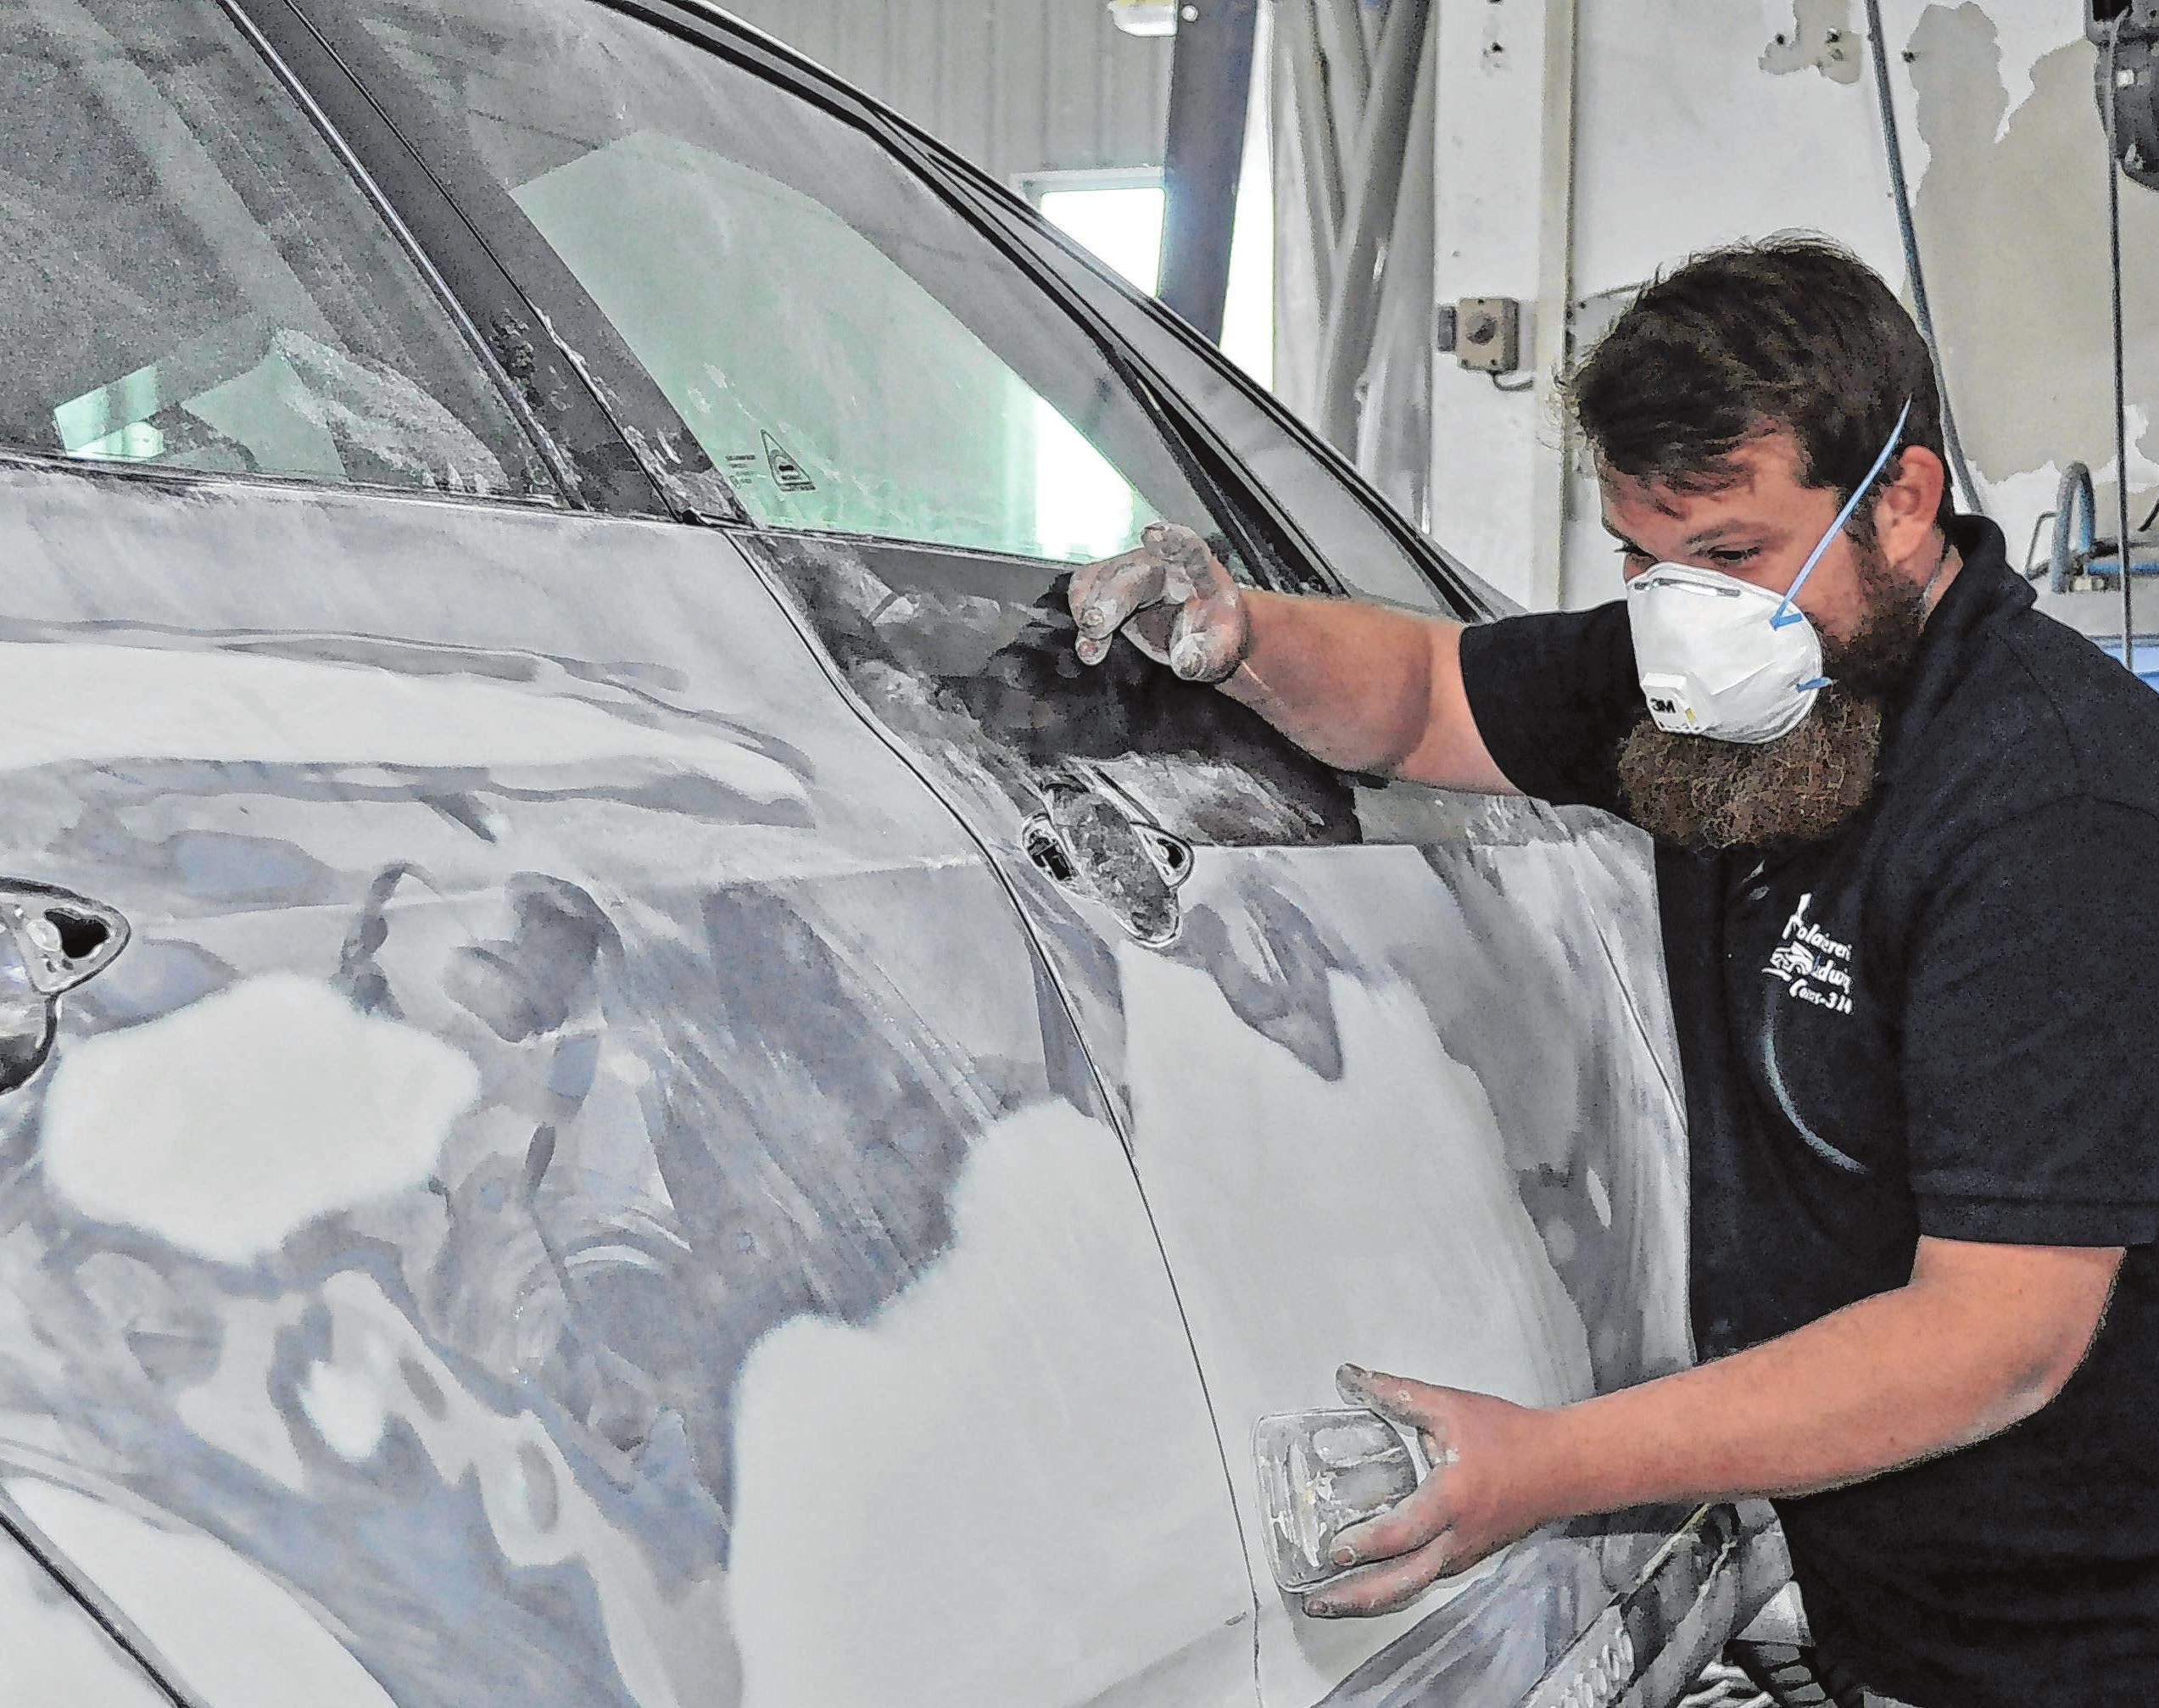 Vorbereitung für das Lackieren: Stephan Ludwig beim Schleifen einer Autotür.